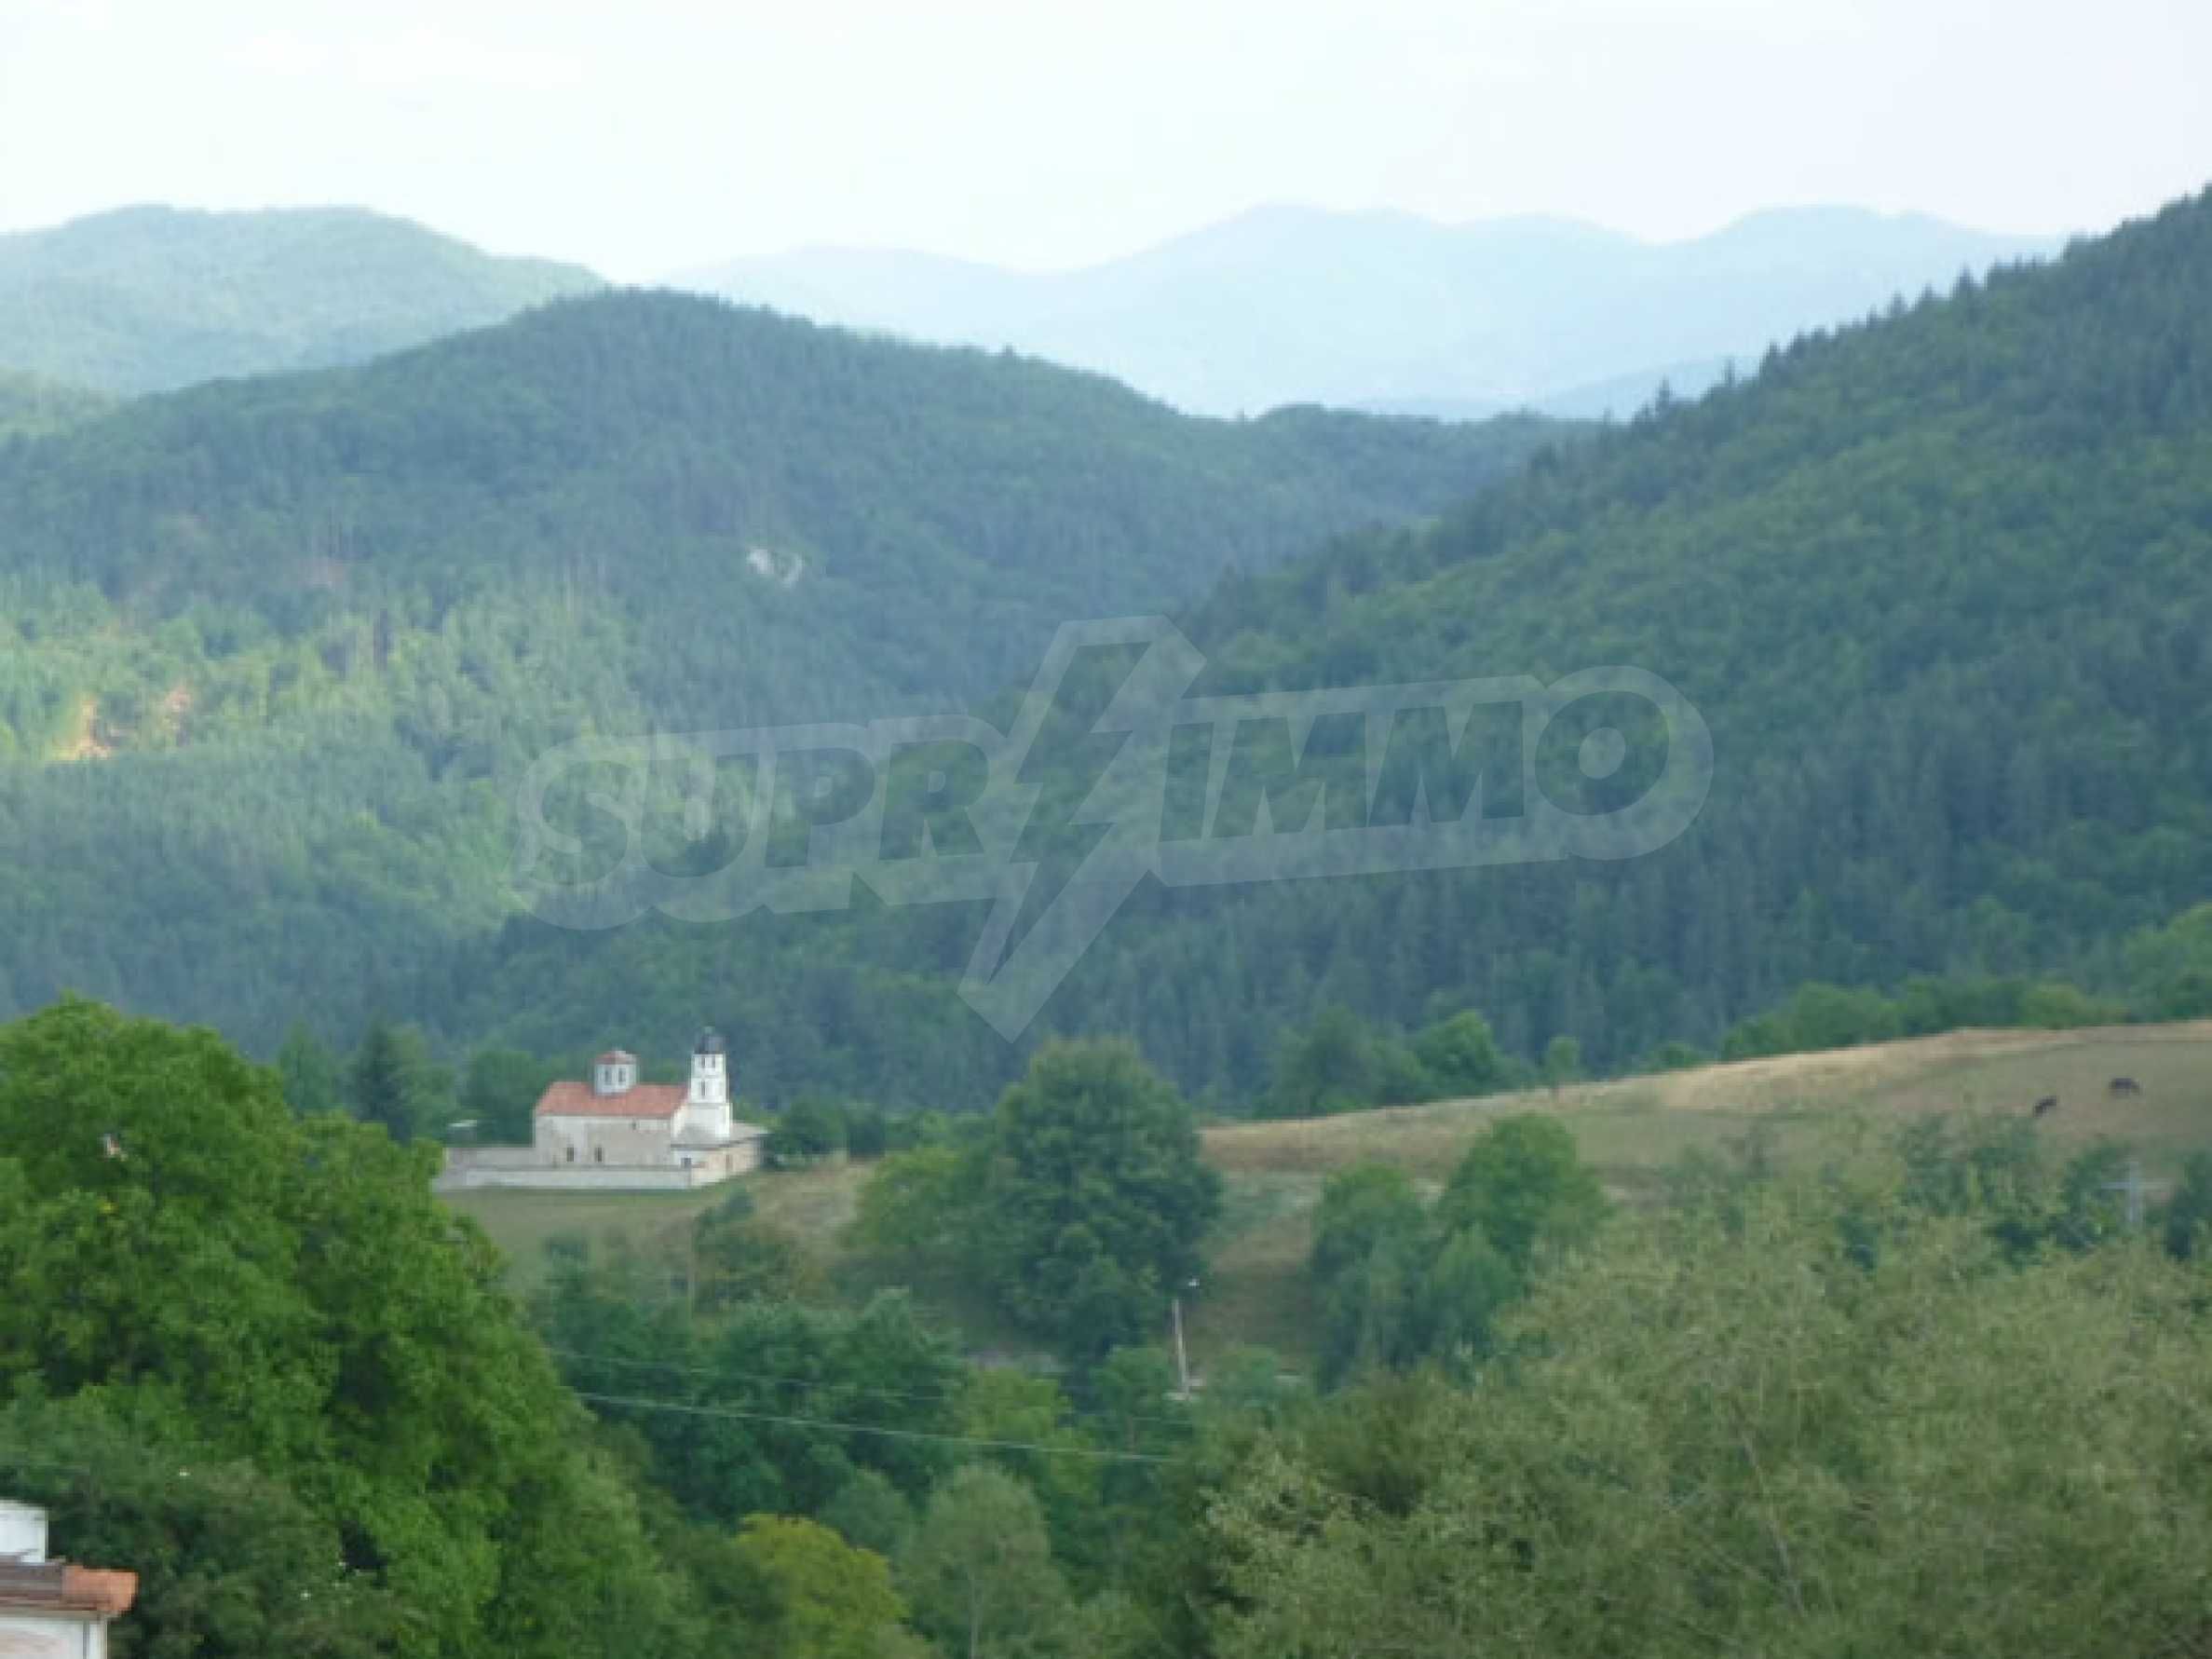 Großes reguliertes Baugrundstück 15 km vom Kurort Smolyan entfernt 7